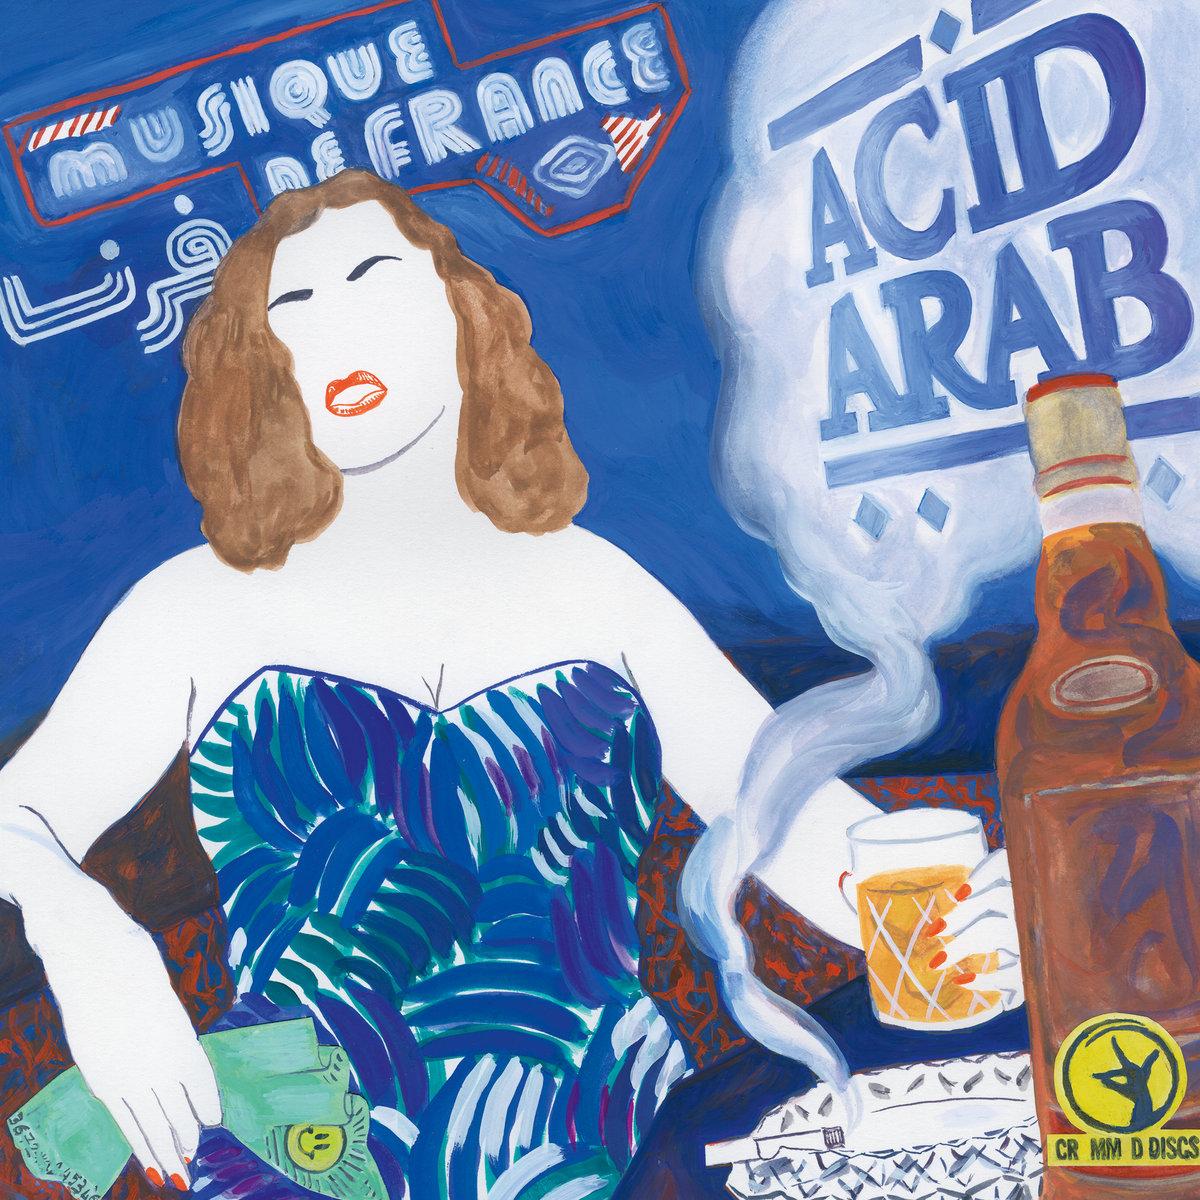 Houria | Acid Arab